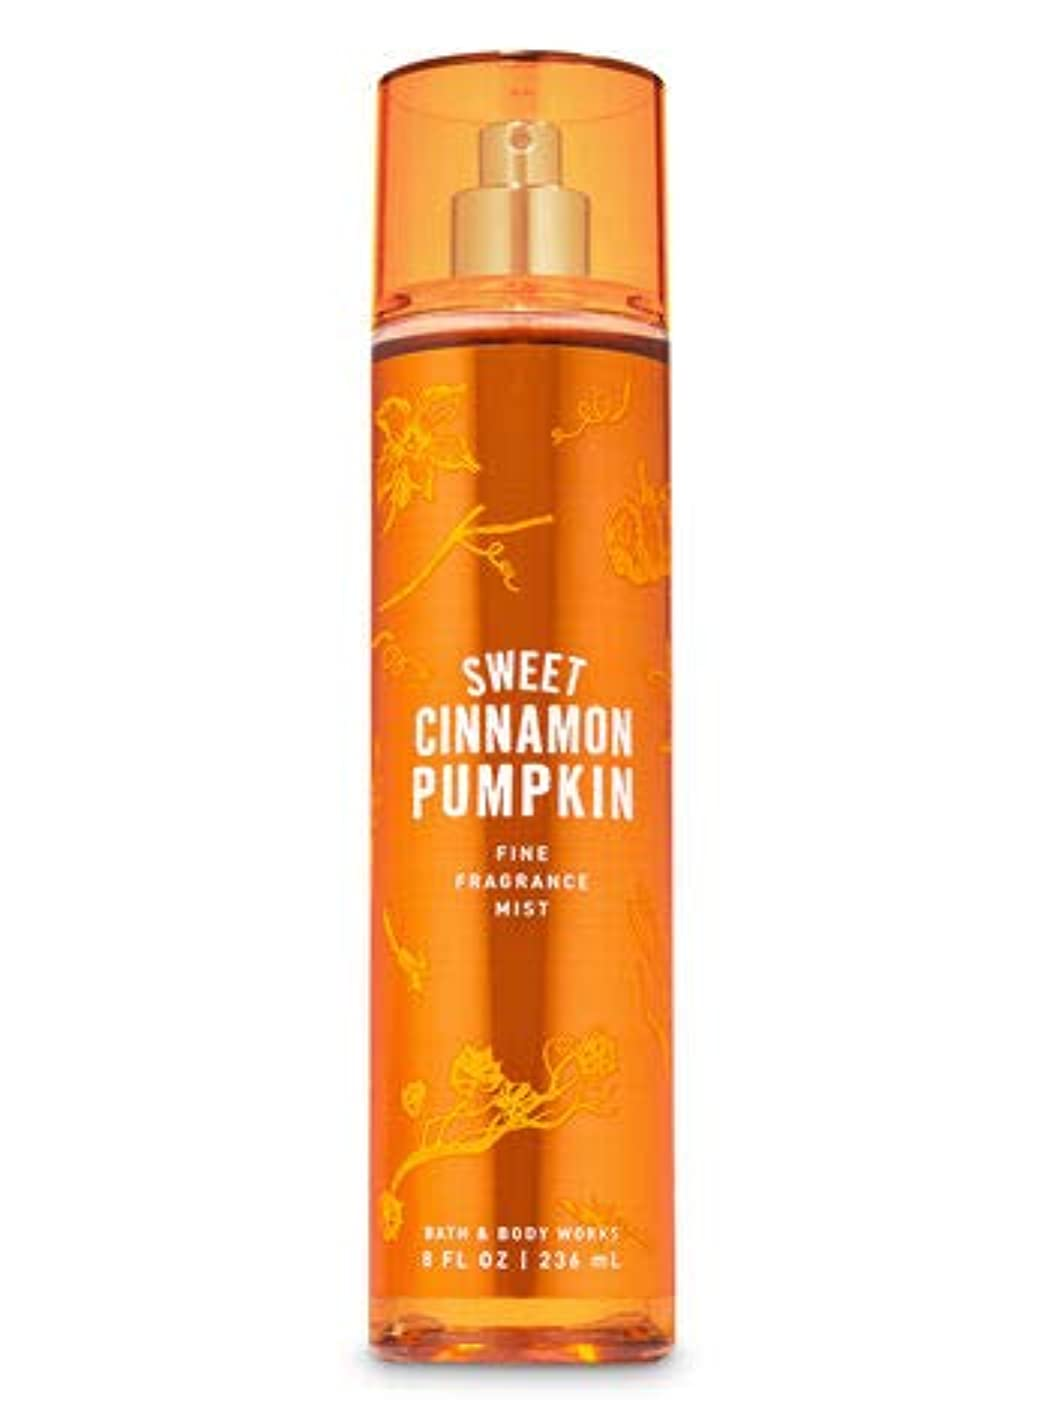 サイレンアパート滑る【Bath&Body Works/バス&ボディワークス】 ファインフレグランスミスト スイートシナモンパンプキン Fine Fragrance Mist Sweet Cinnamon Pumpkin 8oz (236ml) [並行輸入品]